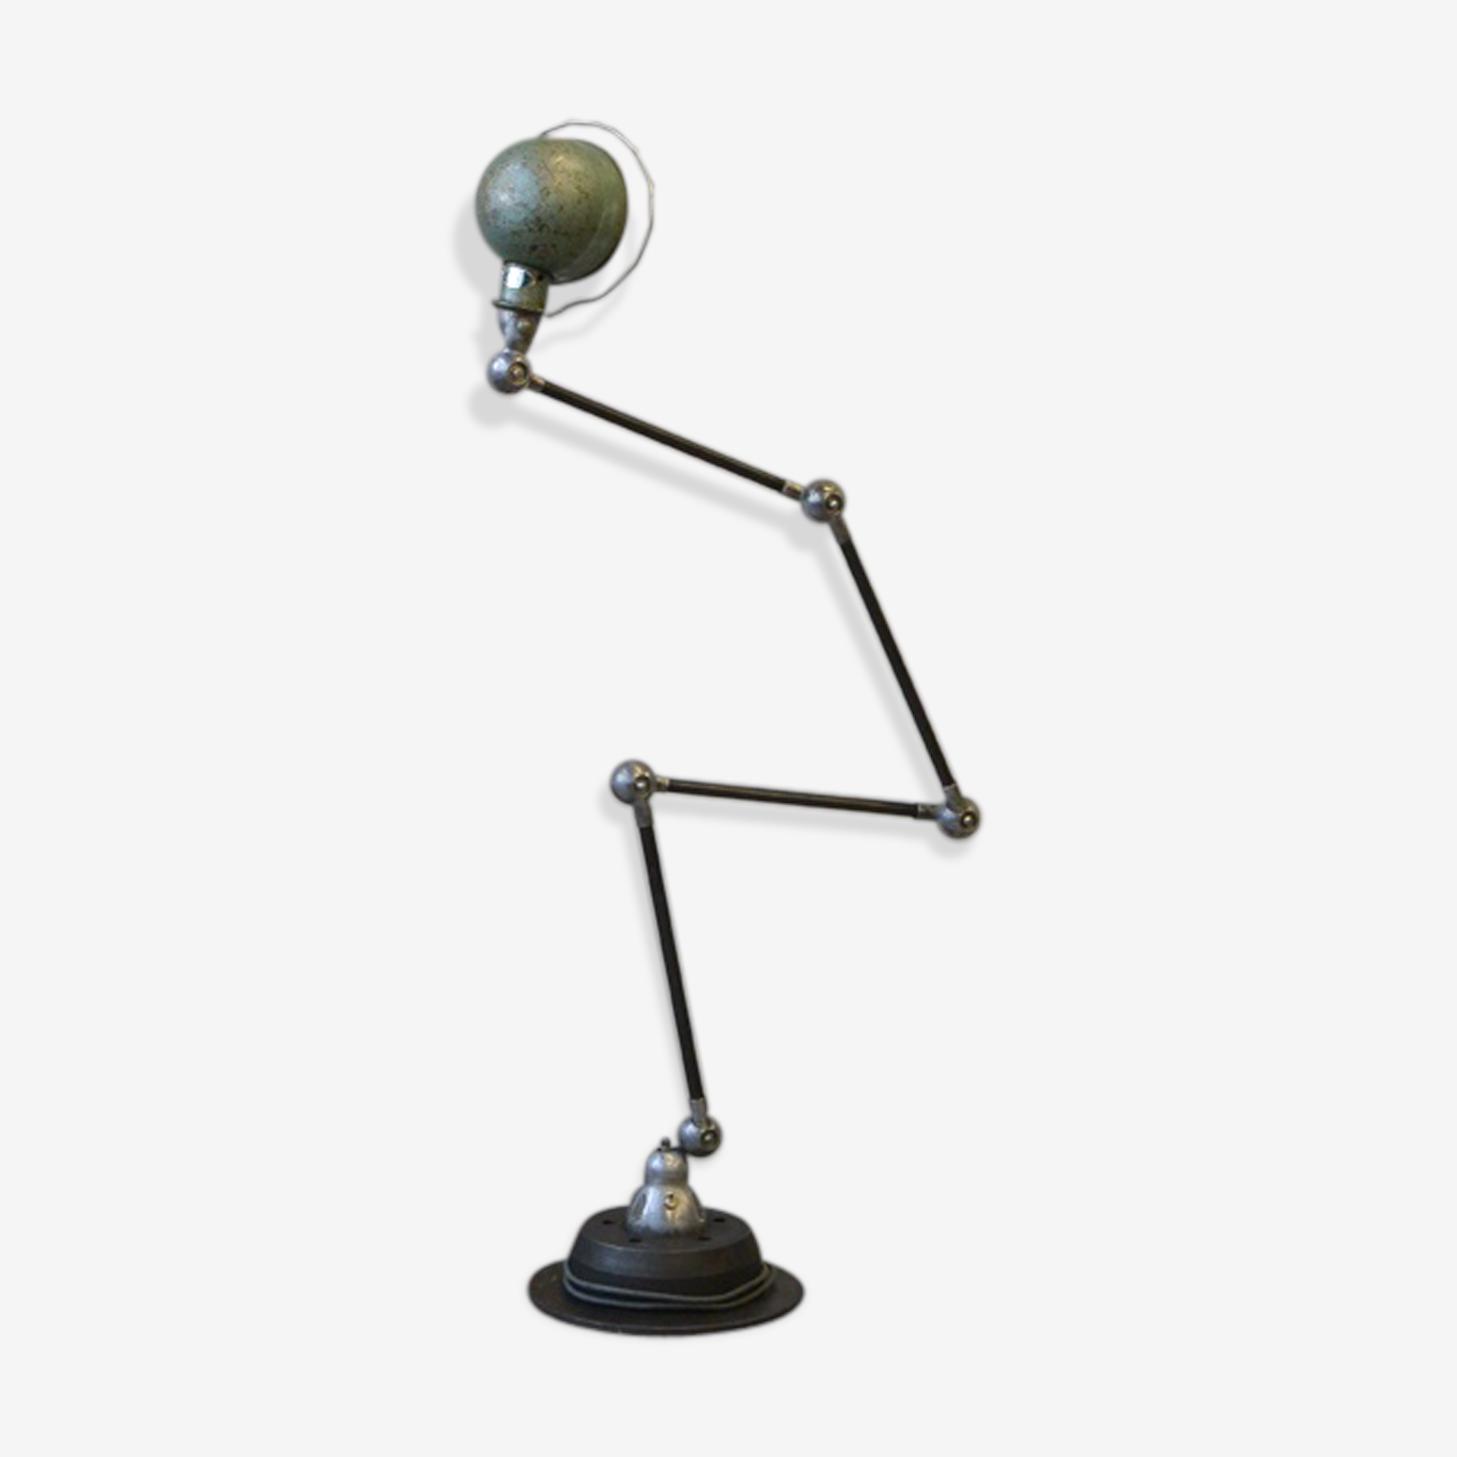 Lampe Jld Jielde Metal Gris Industriel Qkr582b